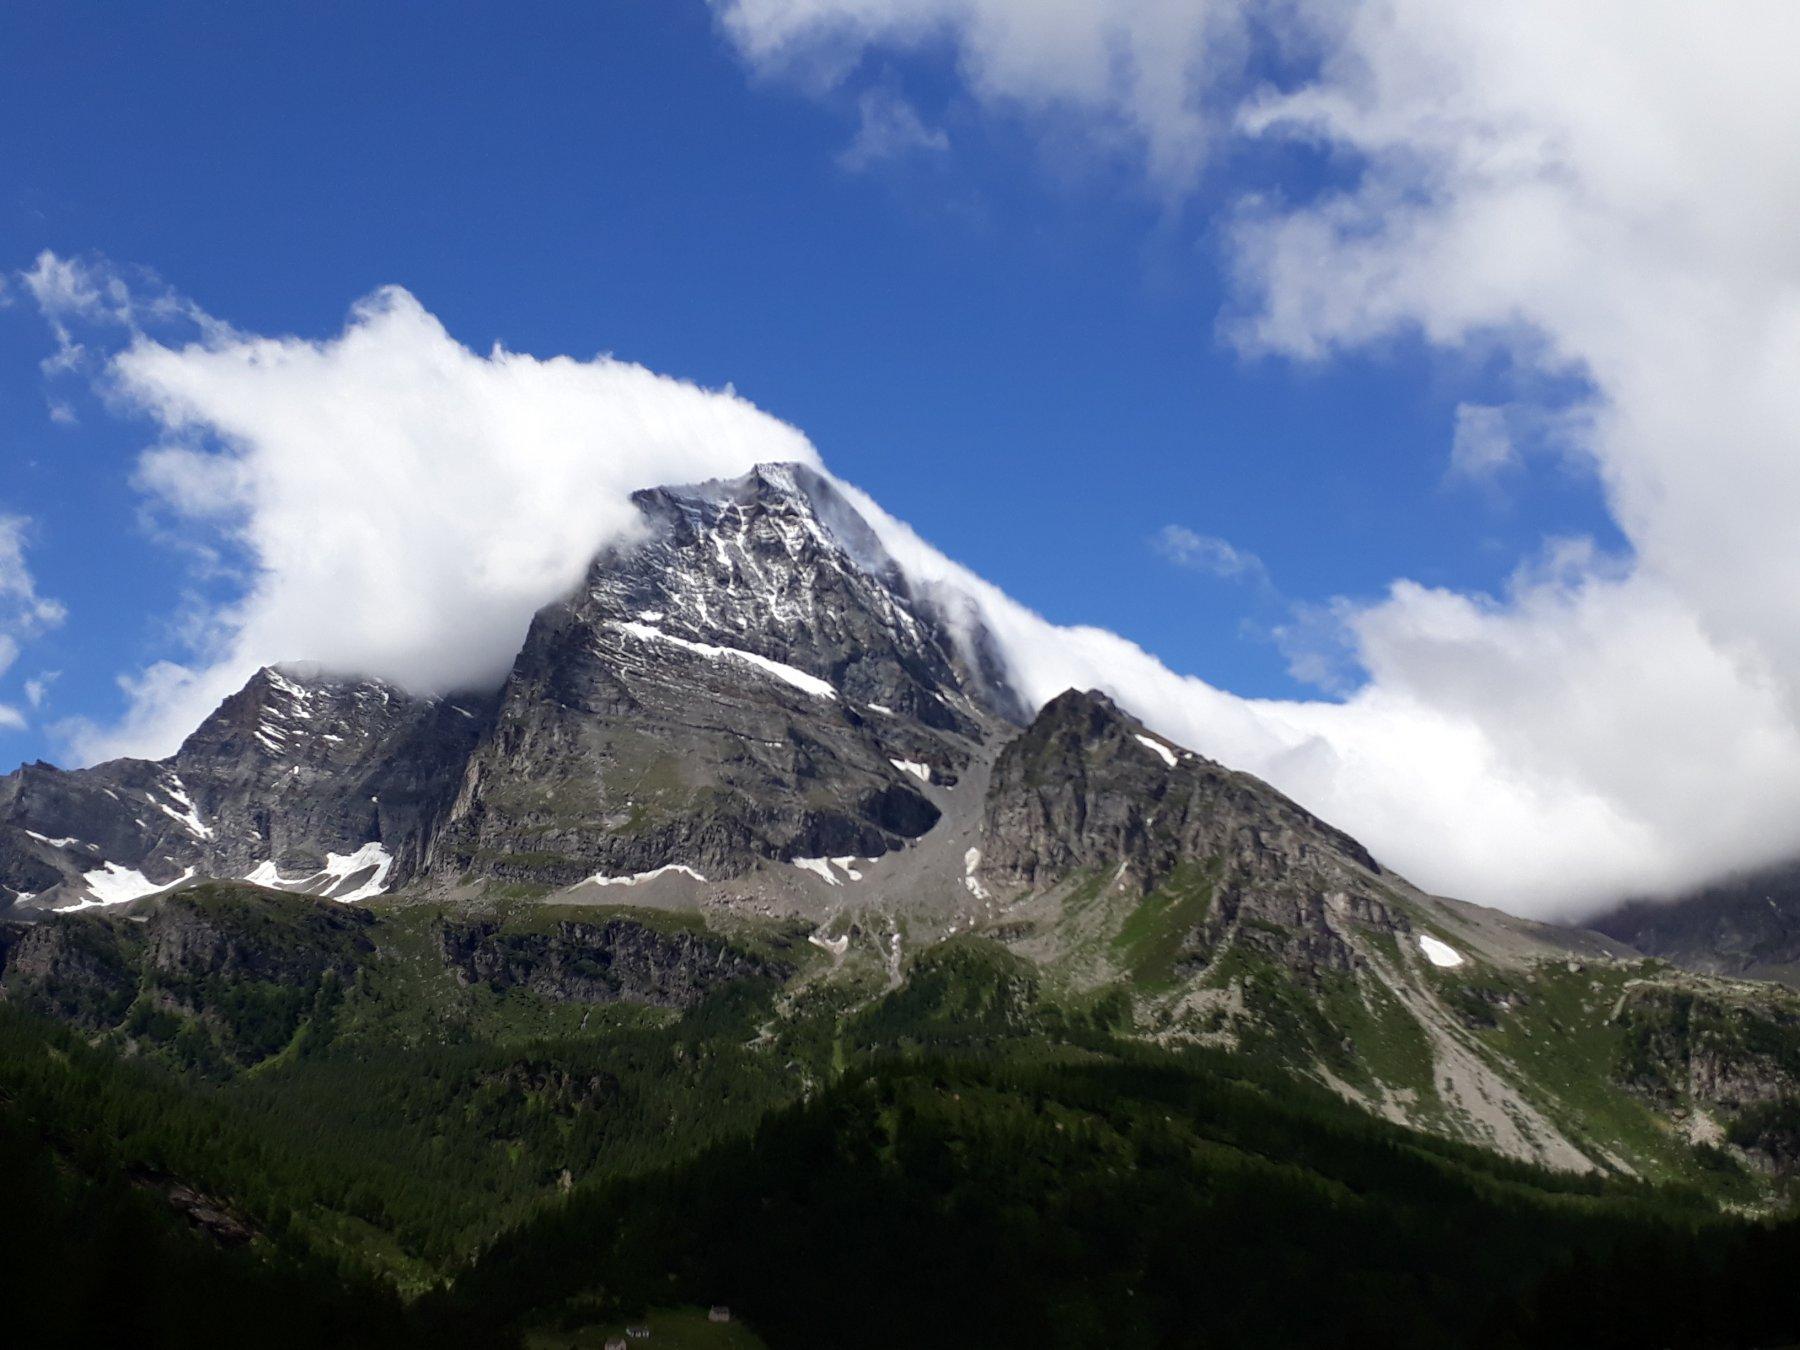 Il monte Leone visto dalla traversata dall'Alpe Ciamporino all'Alpe Veglia